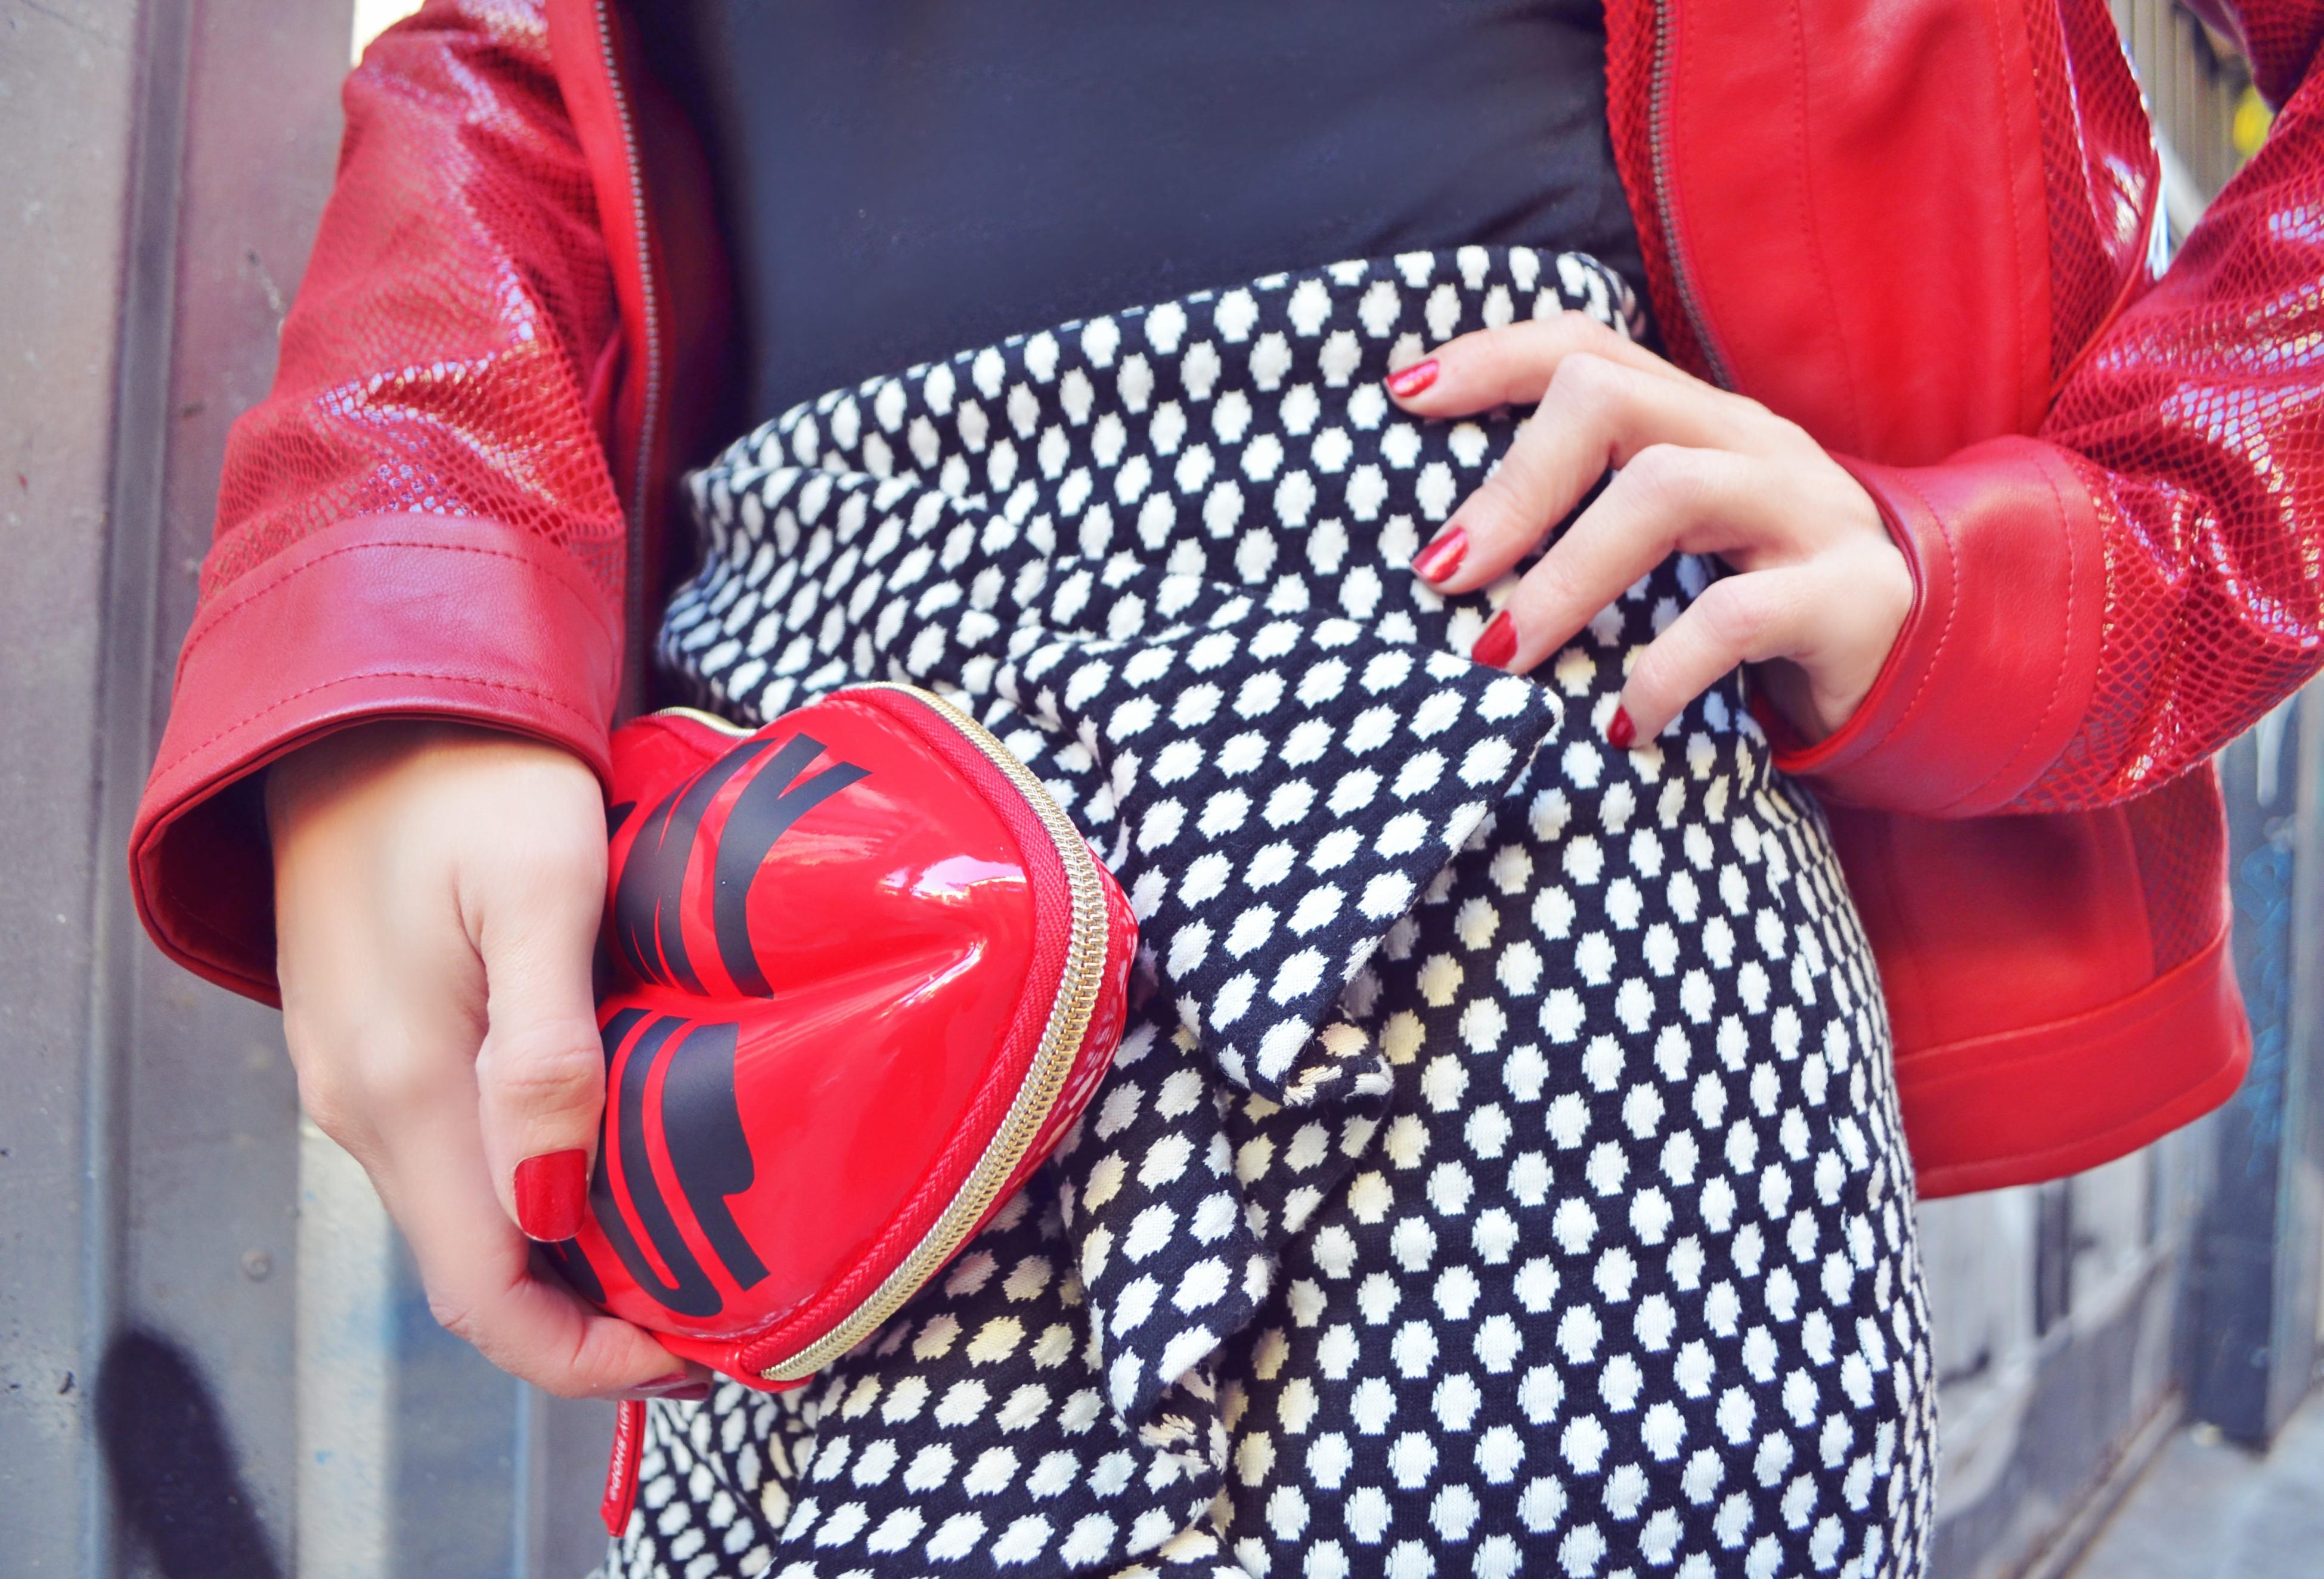 Falda-arggido-blog-de-moda-ChicAdicta-look-rojo-influencer-Madrid-Chic-Adicta-falda-con-volantes-chupa-roja-PiensaenChic-Piensa-en-Chic